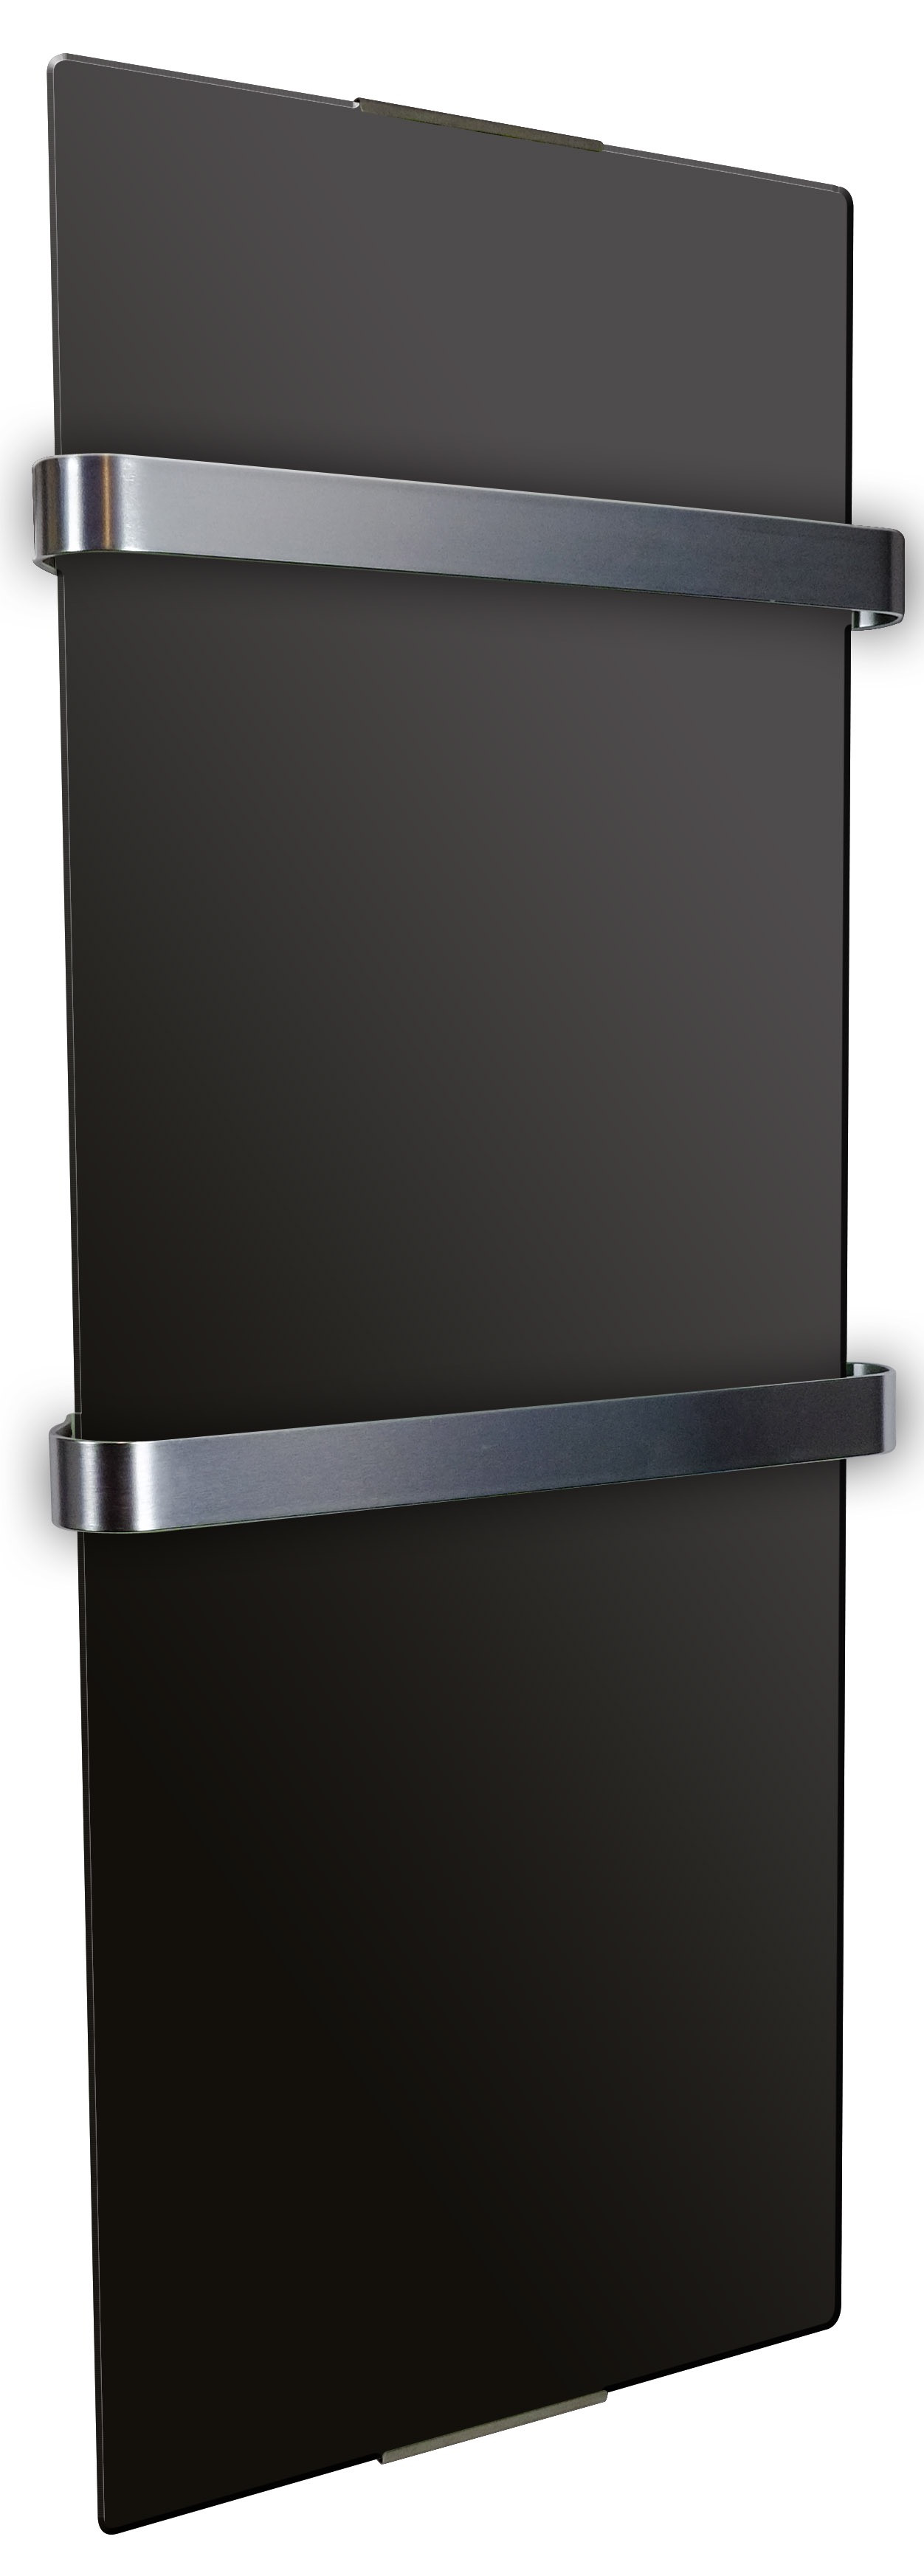 Radiateur seche serviette décoratif design Noir 1200W